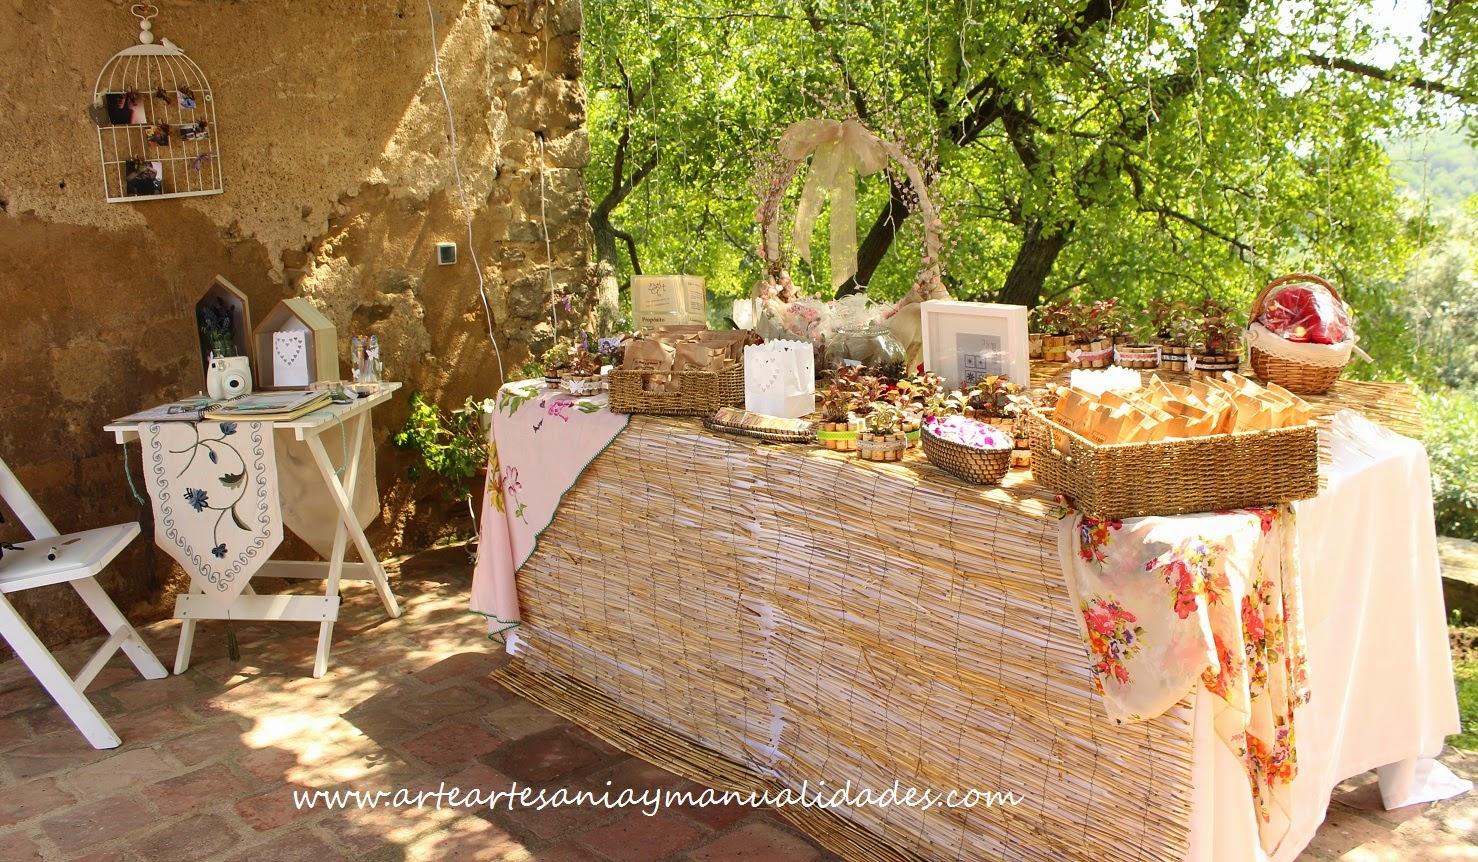 el libro de firmas mantena la lnea decorativa de las de boda con los papeles de la casa toga el mismo cordn y blonda